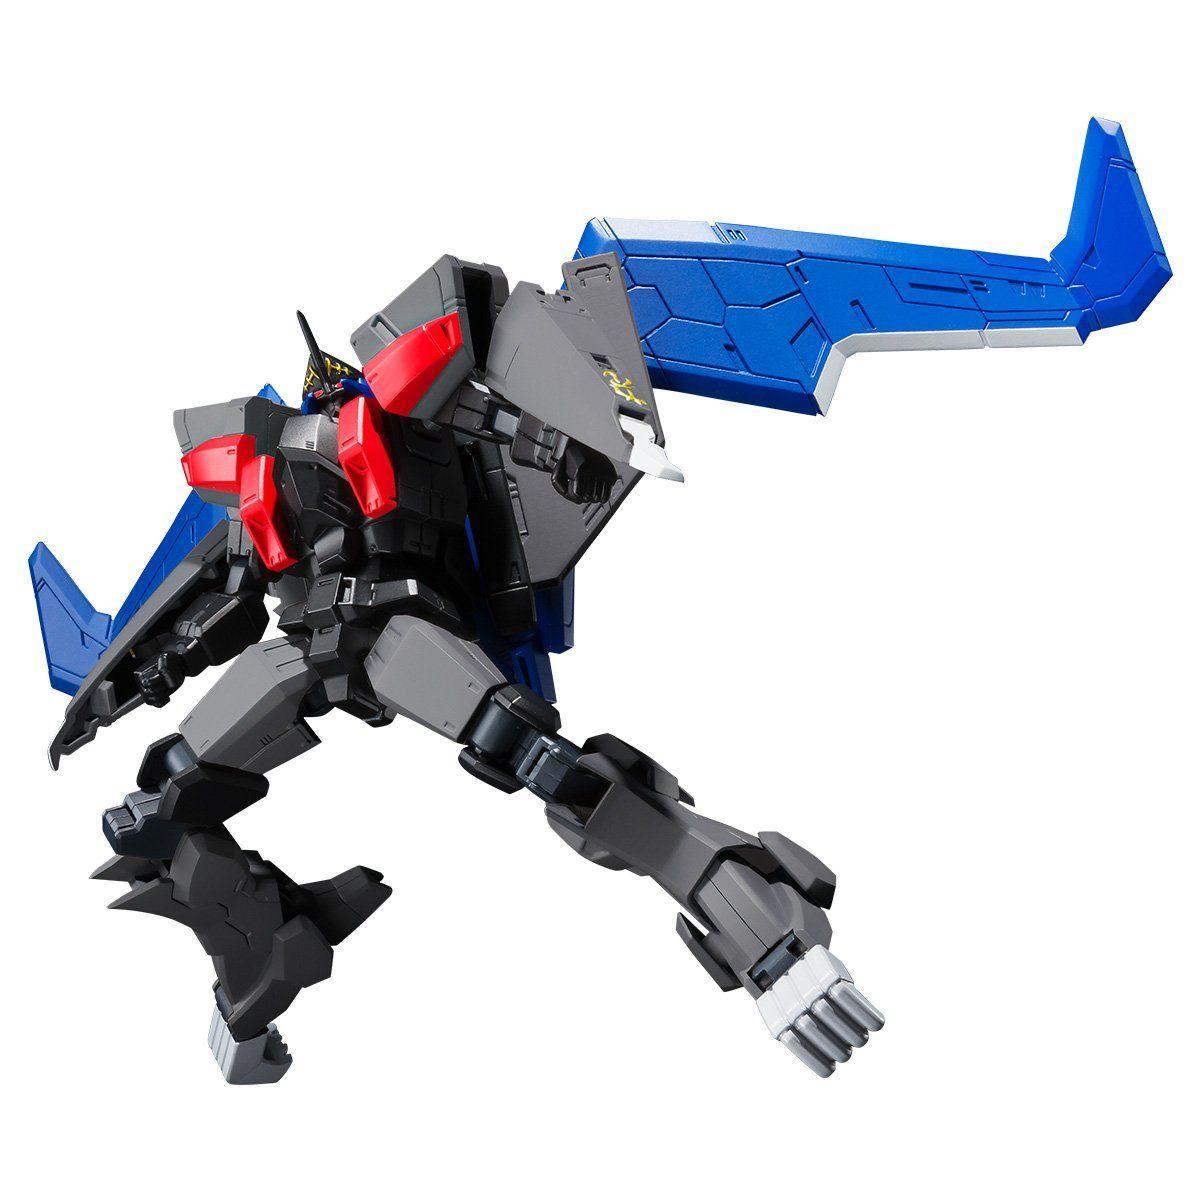 スーパーミニプラ 超獣機神ダンクーガ ブラックウイング【プレミアムバンダイ限定】_0